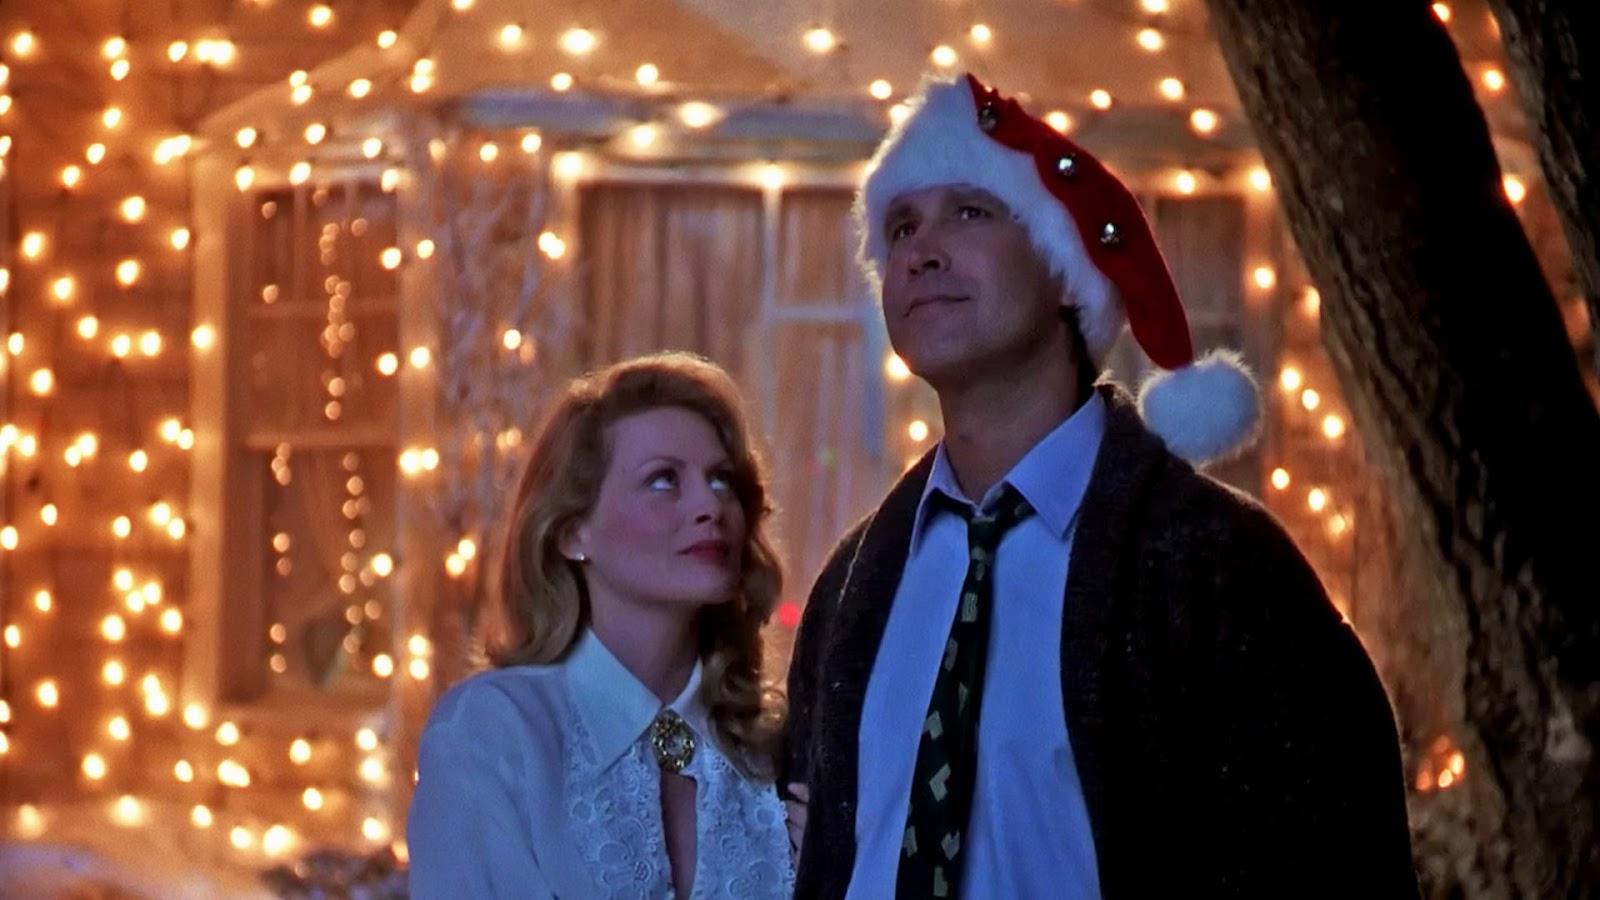 http://2.bp.blogspot.com/-SLu1QUqee9w/UMUzdmsGpuI/AAAAAAAAAZA/7qjs6rAc_Ws/s1600/christmasvaction.jpg